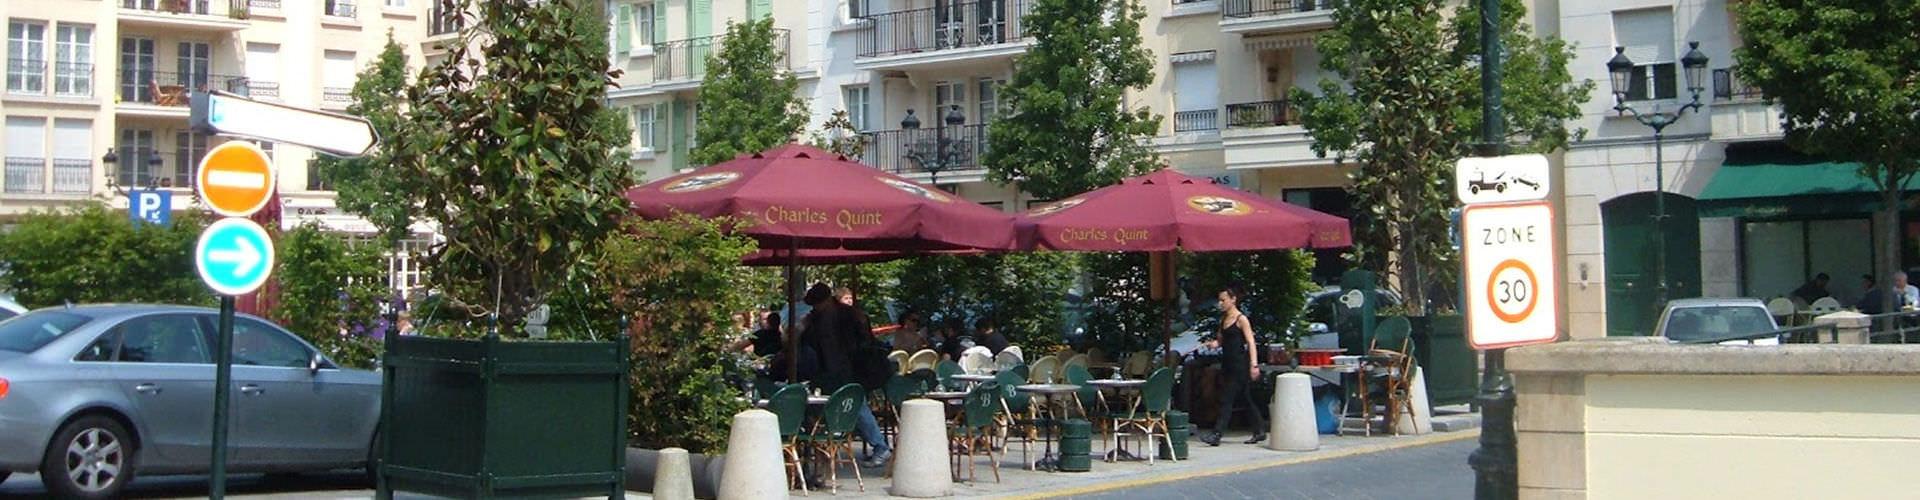 Nizza – Hostels im Stadtteil Coeur de Ville. Nizza auf der Karte. Fotos und Bewertungen für jedes Hostel in Nizza.